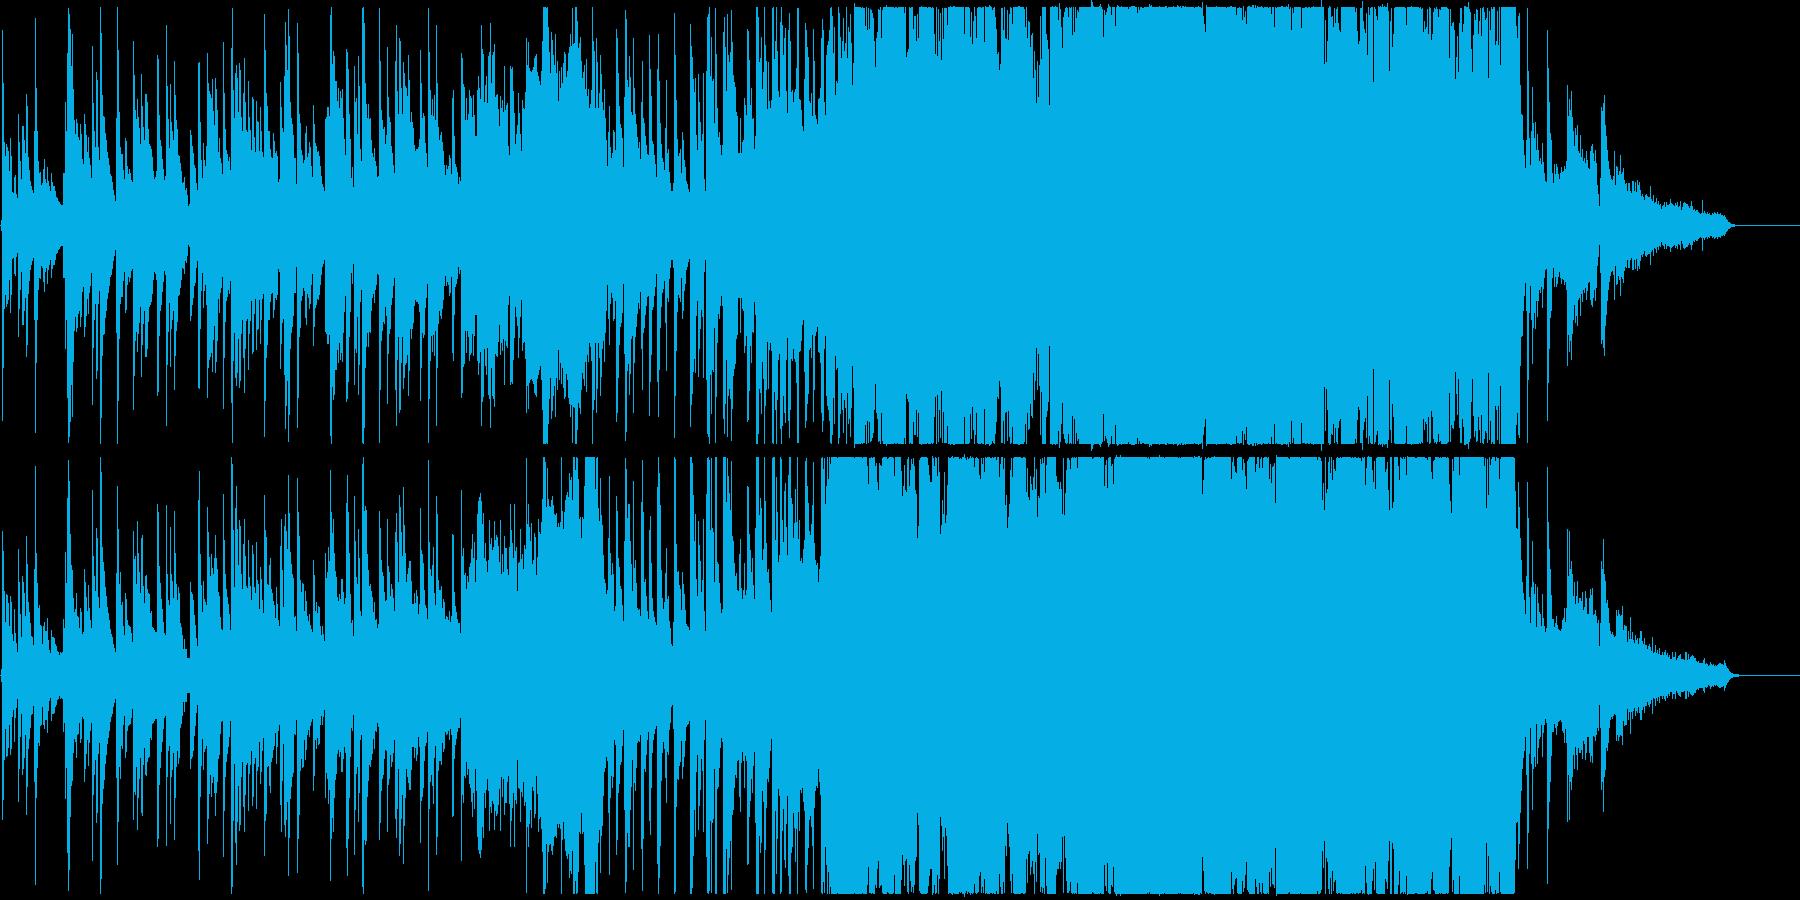 琴を中心としたドラマティックな和装の曲の再生済みの波形